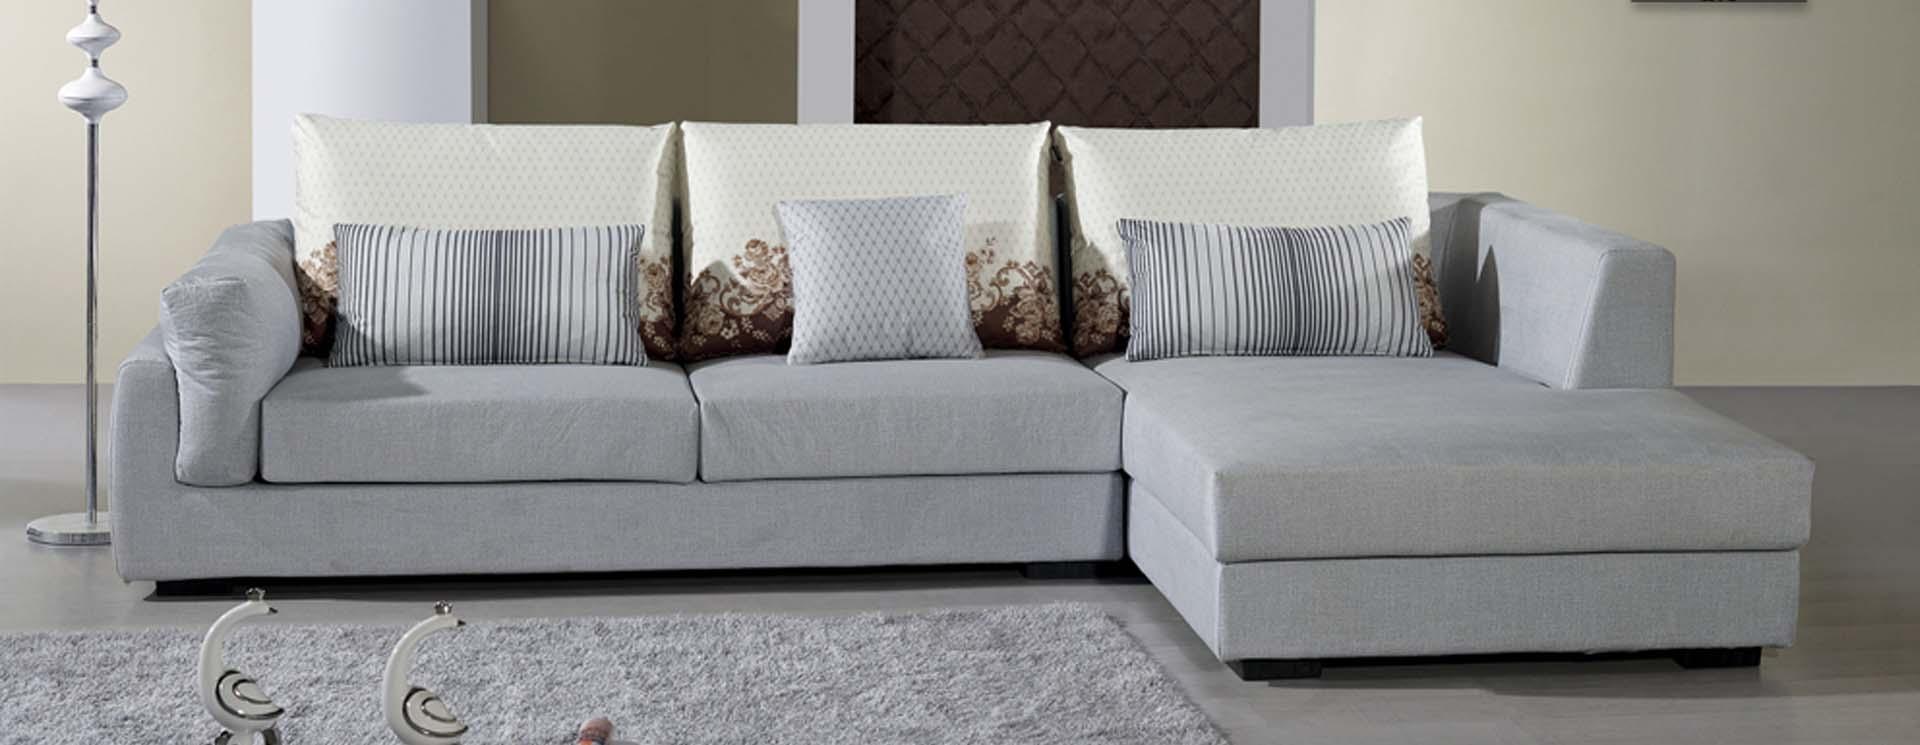 名称:沙发K592#A<br/> 市场价:<font style='color:#999;text-decoration:line-through;'>¥0</font><br />全国统一零售价:<font color='Red'>¥0.0</font>